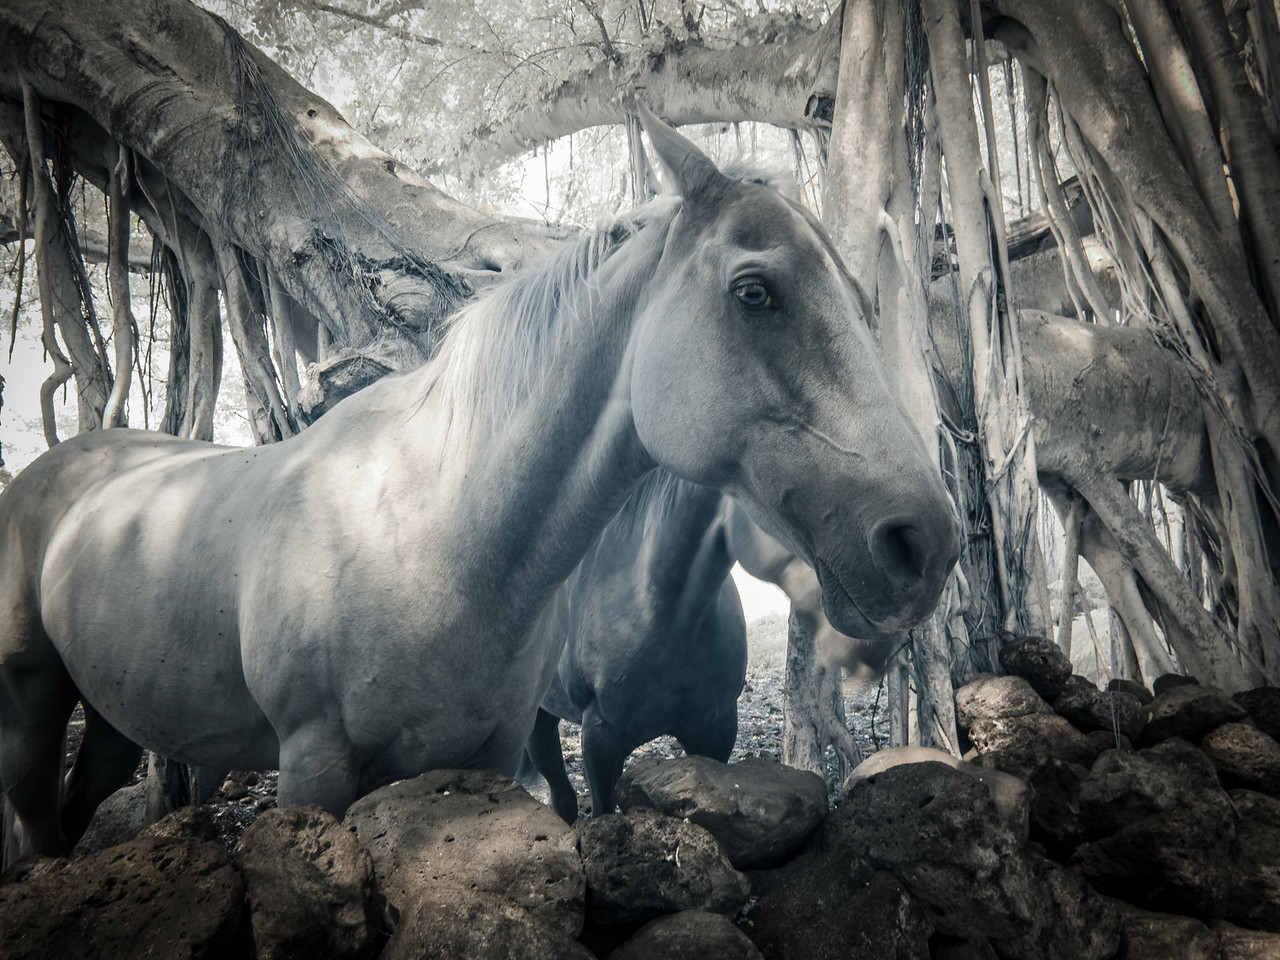 Horse, Maui